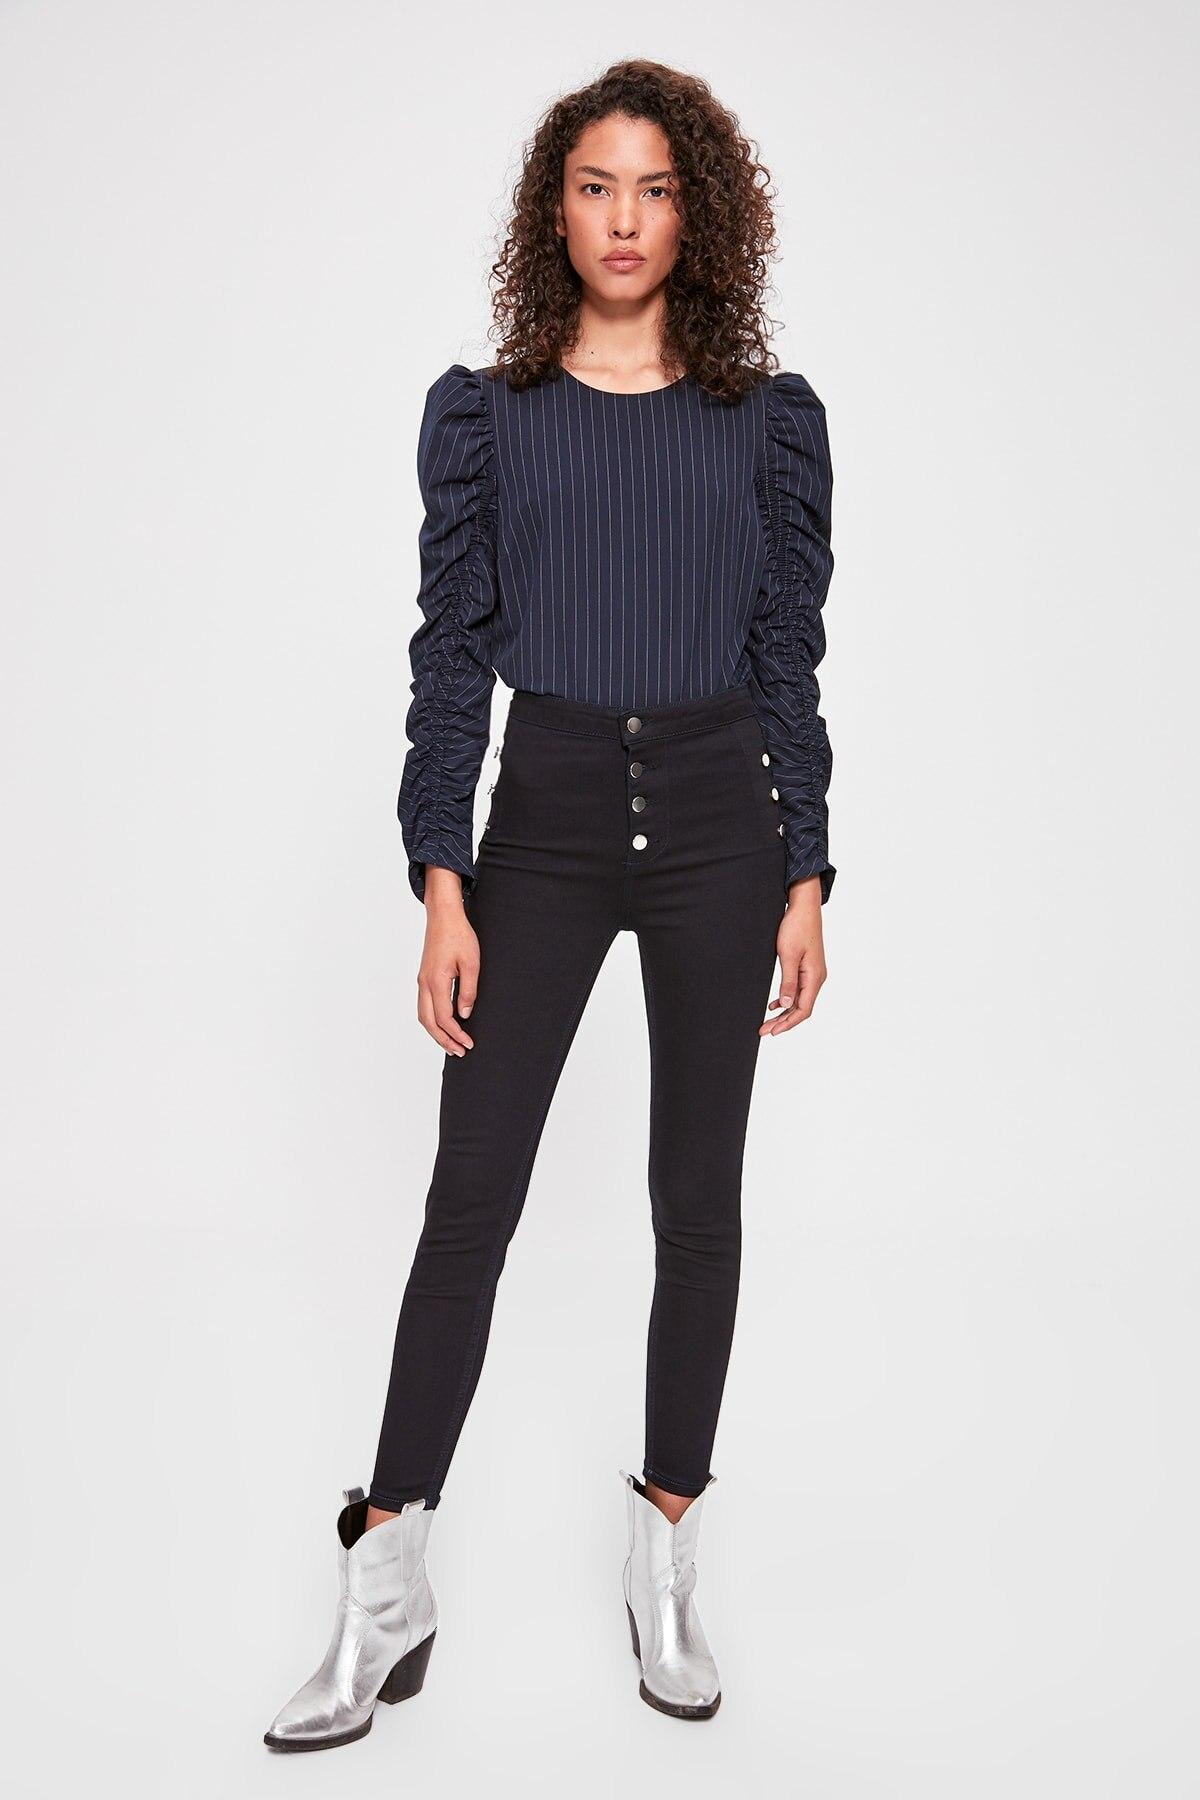 Trendyol Button Detail High Waist Skinny Jeans TWOAW20JE0276